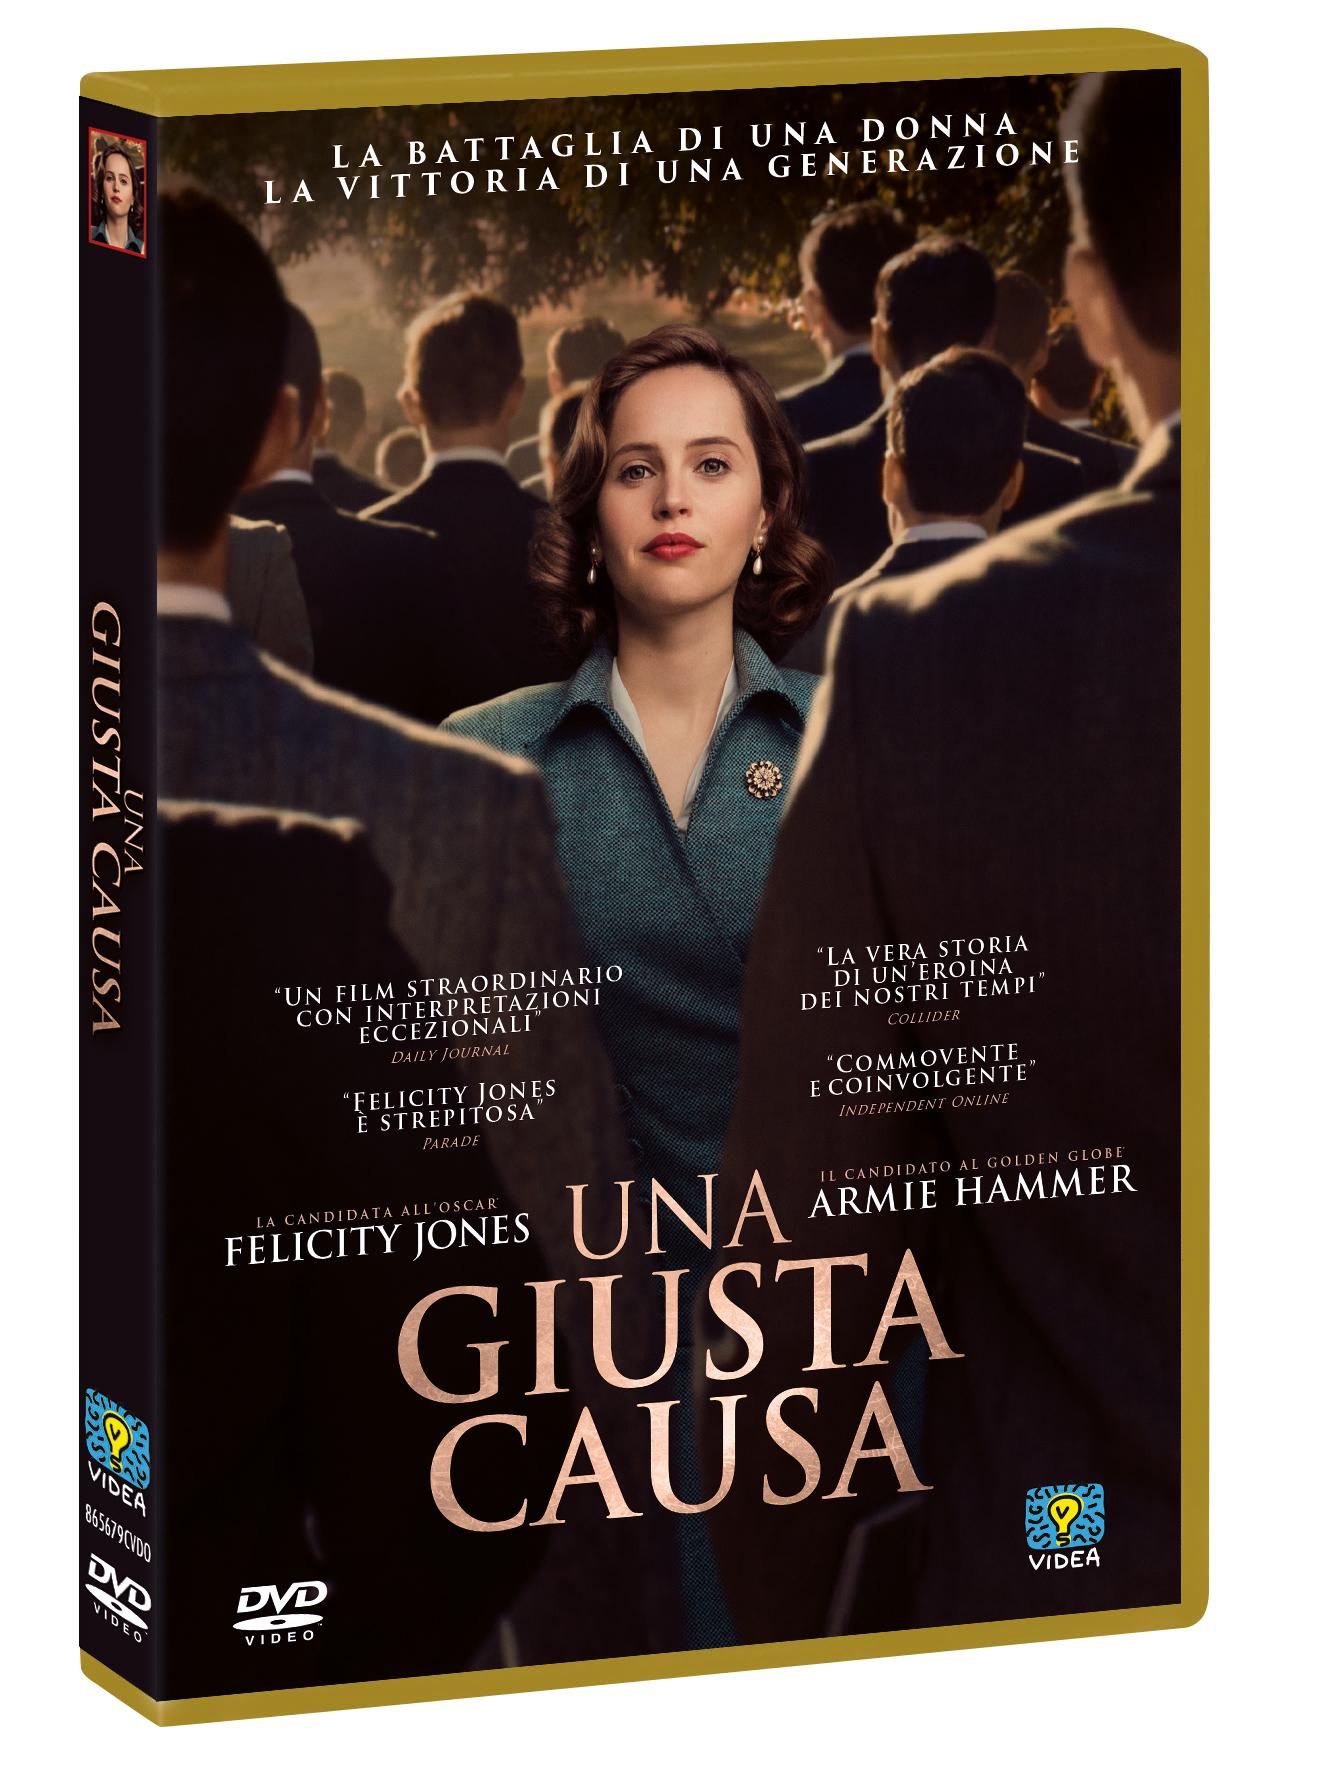 UNA GIUSTA CAUSA (DVD)